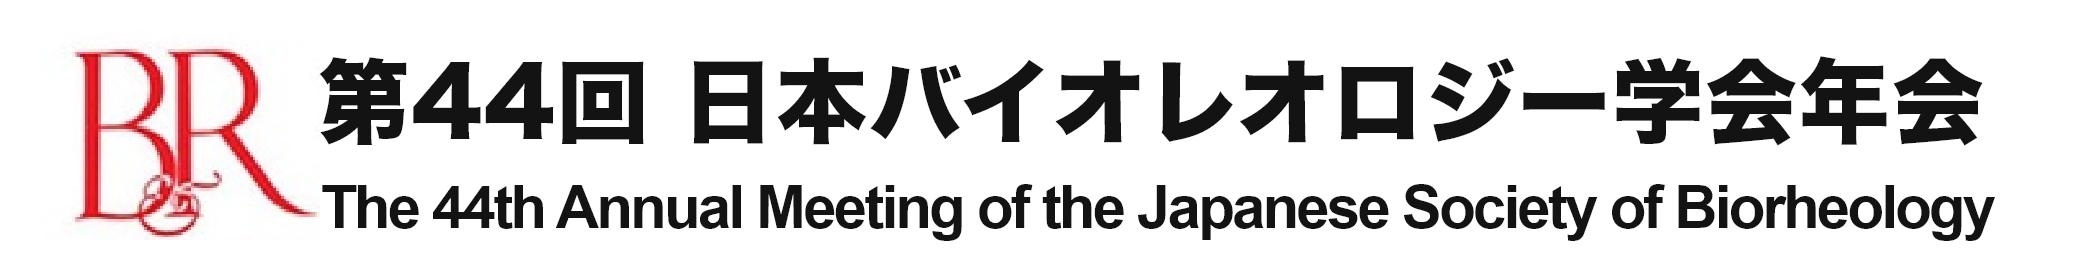 第44回日本バイオレオロジー学会年会